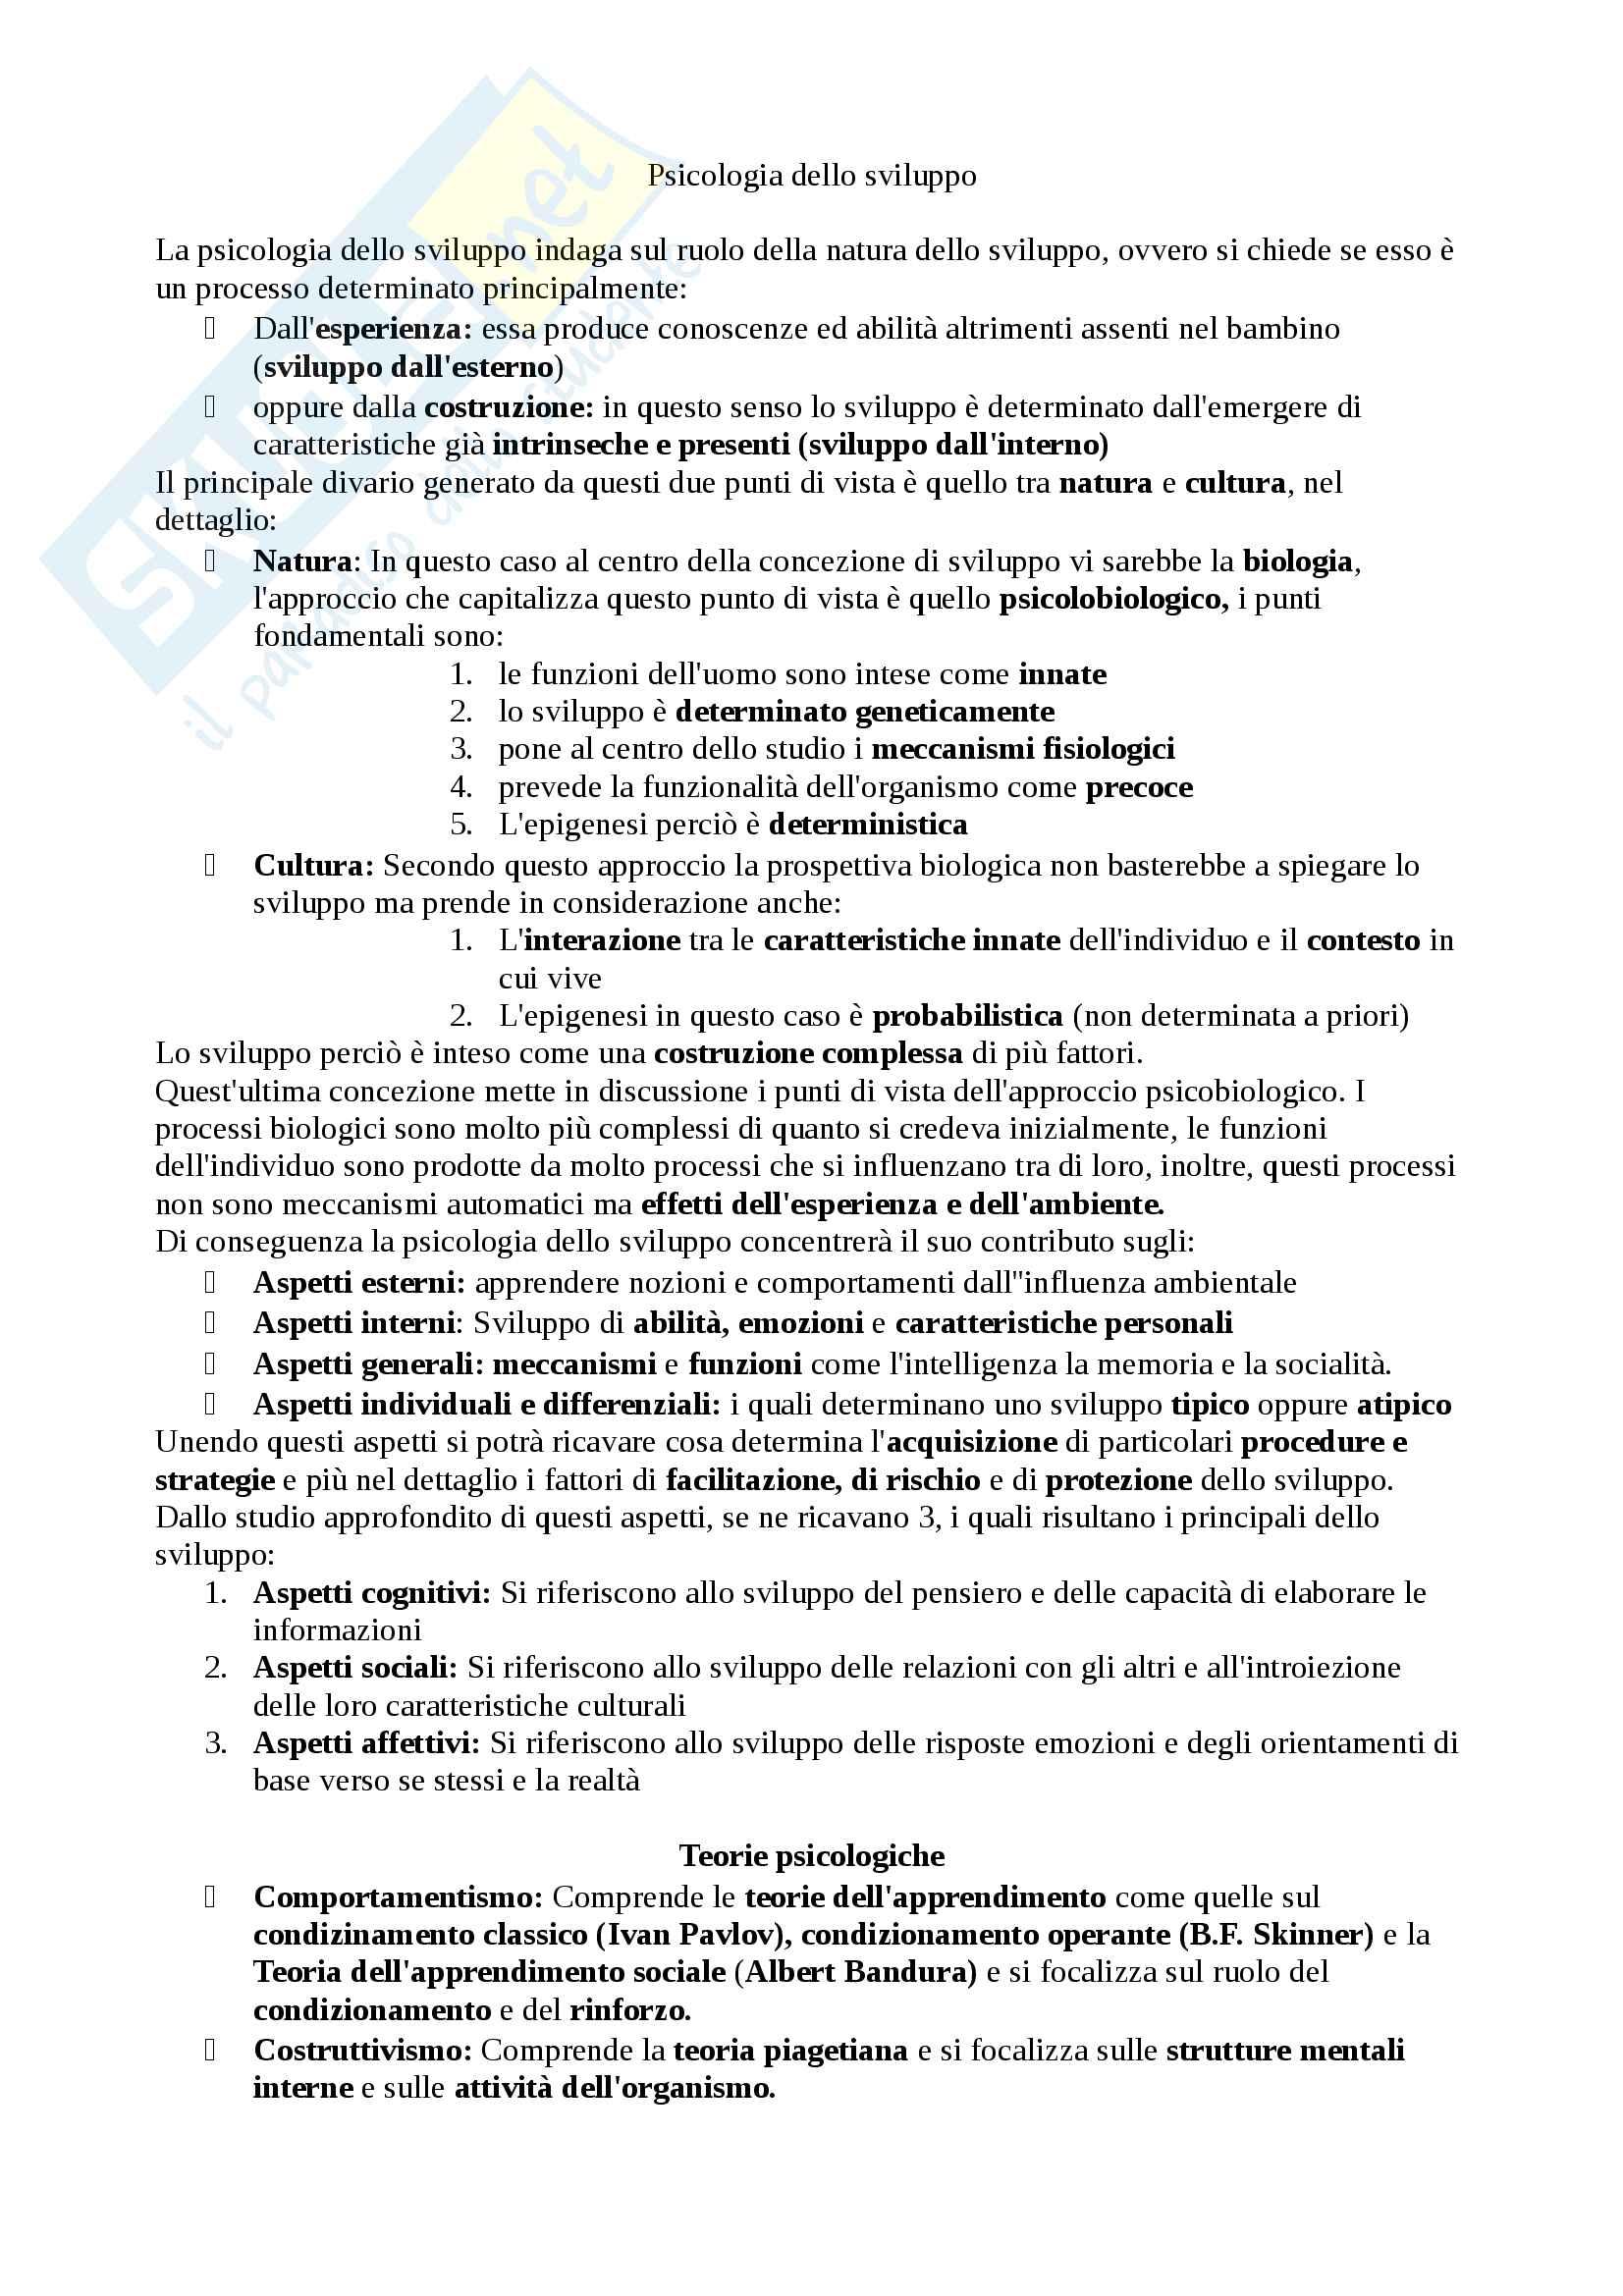 Riassunto esame Psicologia dello sviluppo, docente Adriano Pagnin